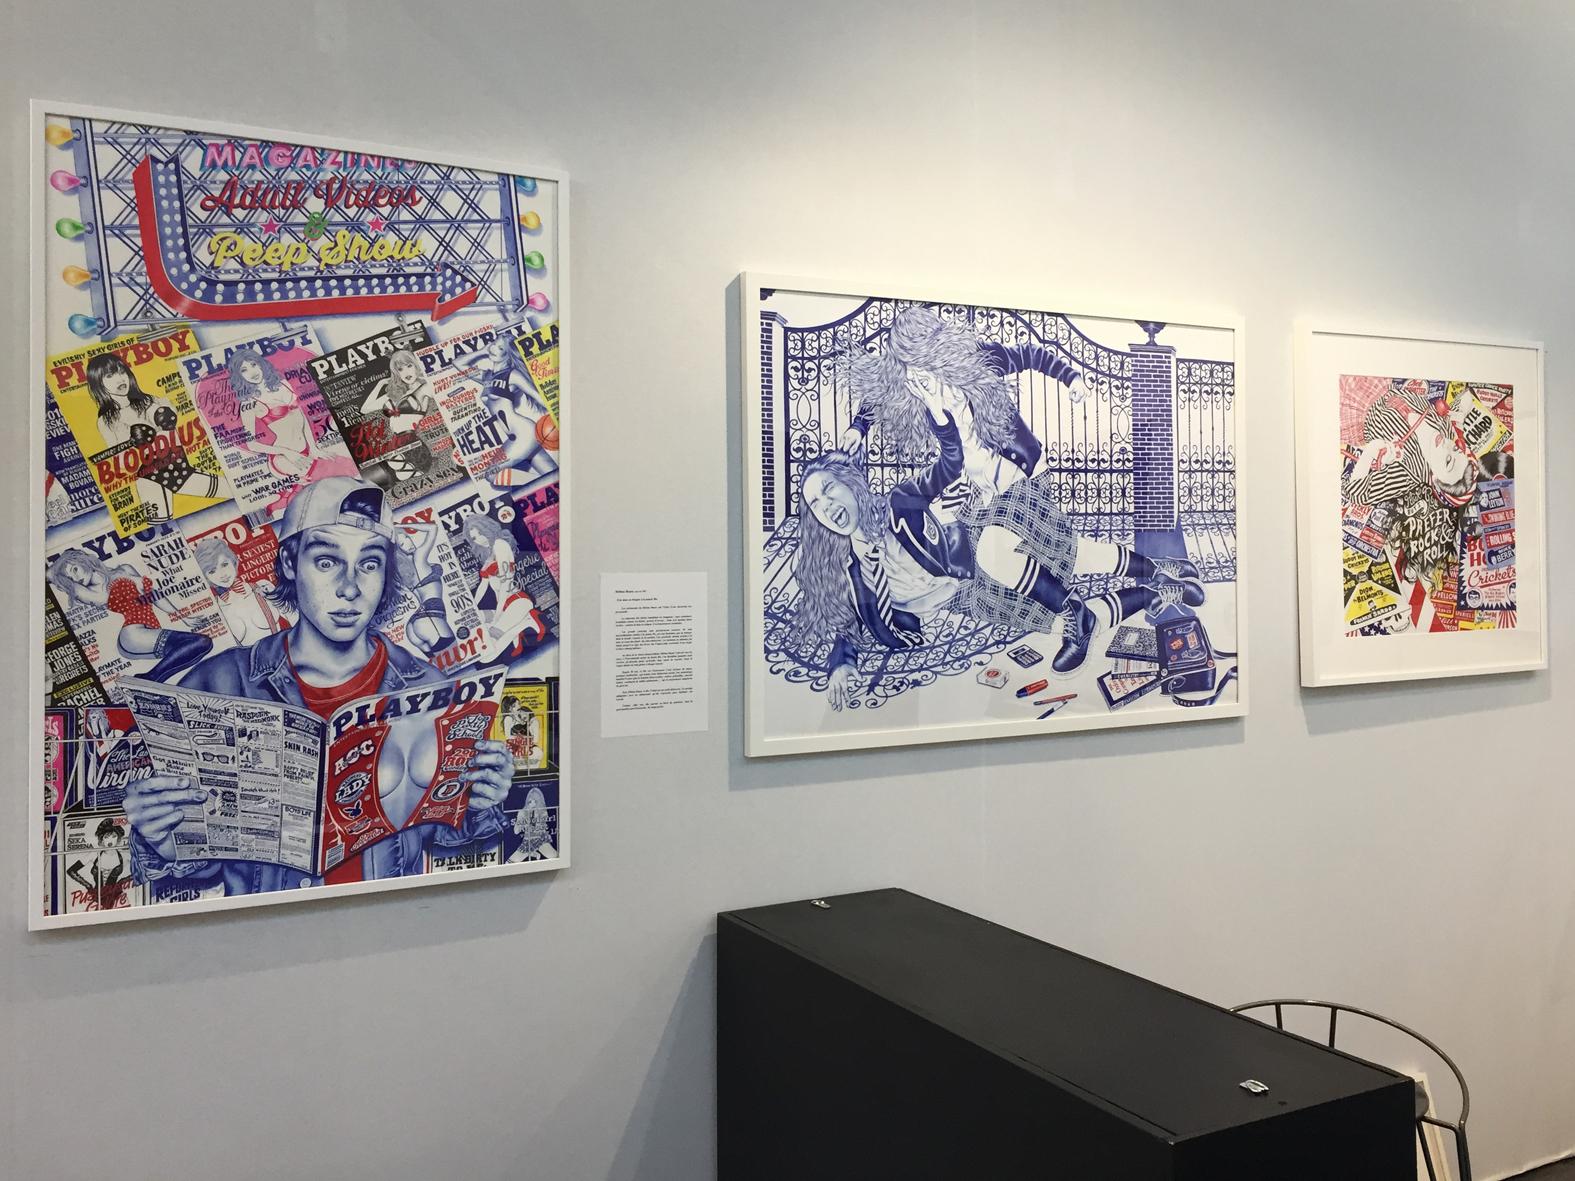 Galerie metropolis drawing 2016 hh original